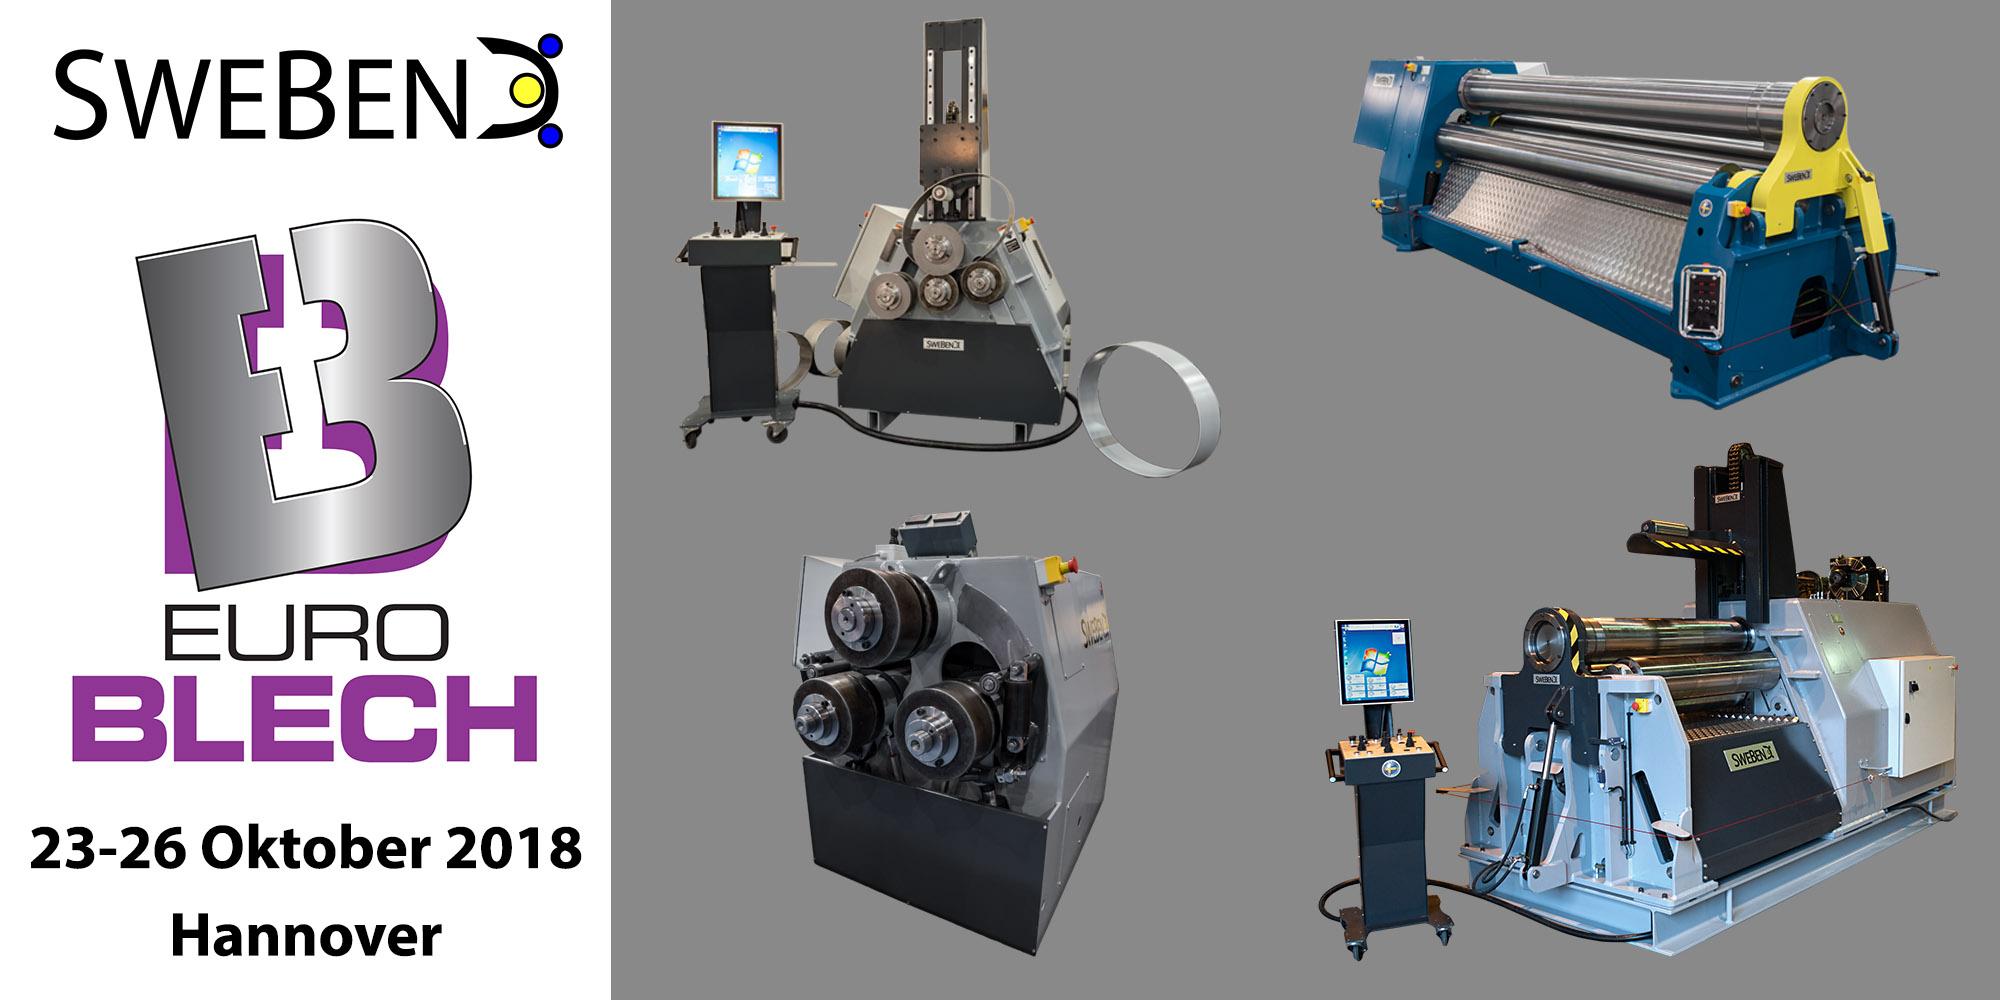 Venema-Biegetec GmbH | SweBend AB | Profilbiegemaschine | Blechrundbiegemaschine | SEVEN CNC Steuerung | EuroBlech Hannover 2018